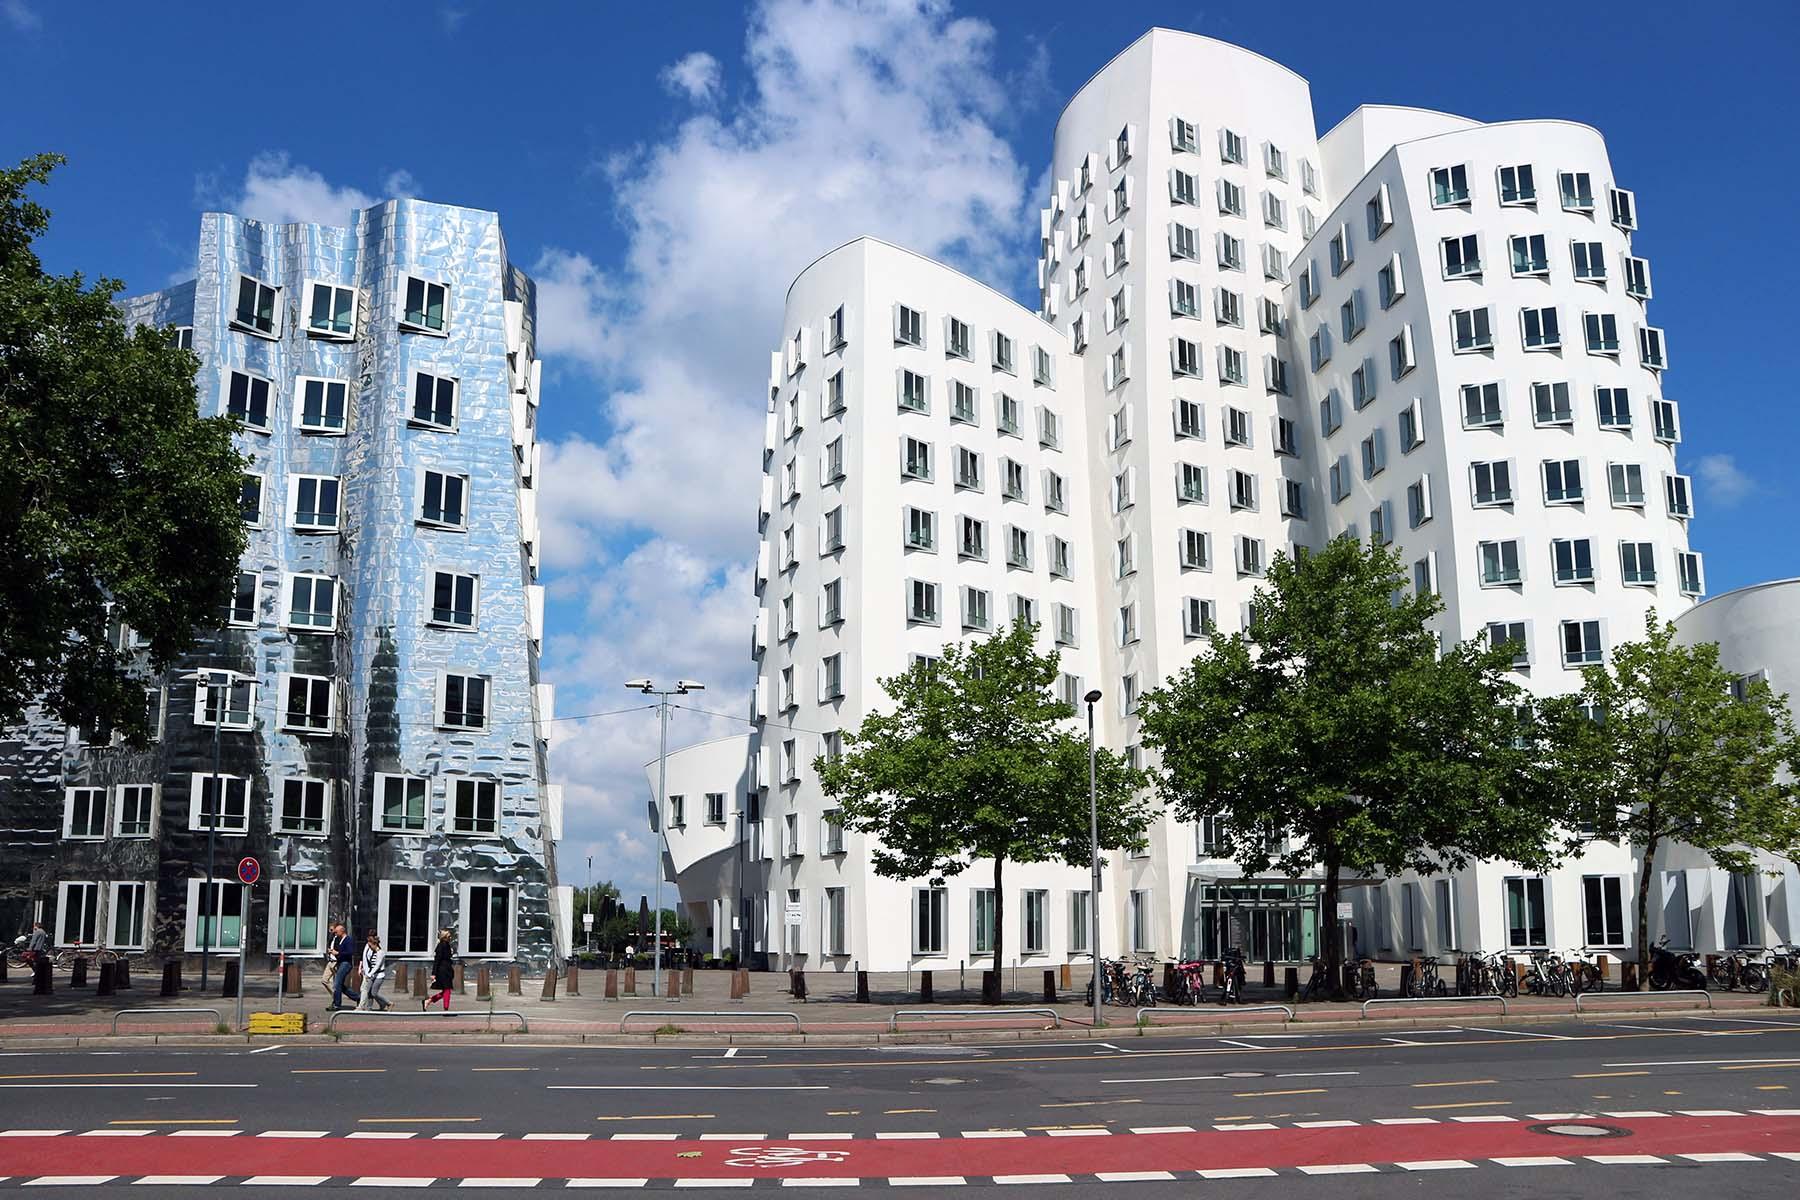 Neuer Zollhof 1–3. Von Frank O. Gehry. Fertigstellung 1999.